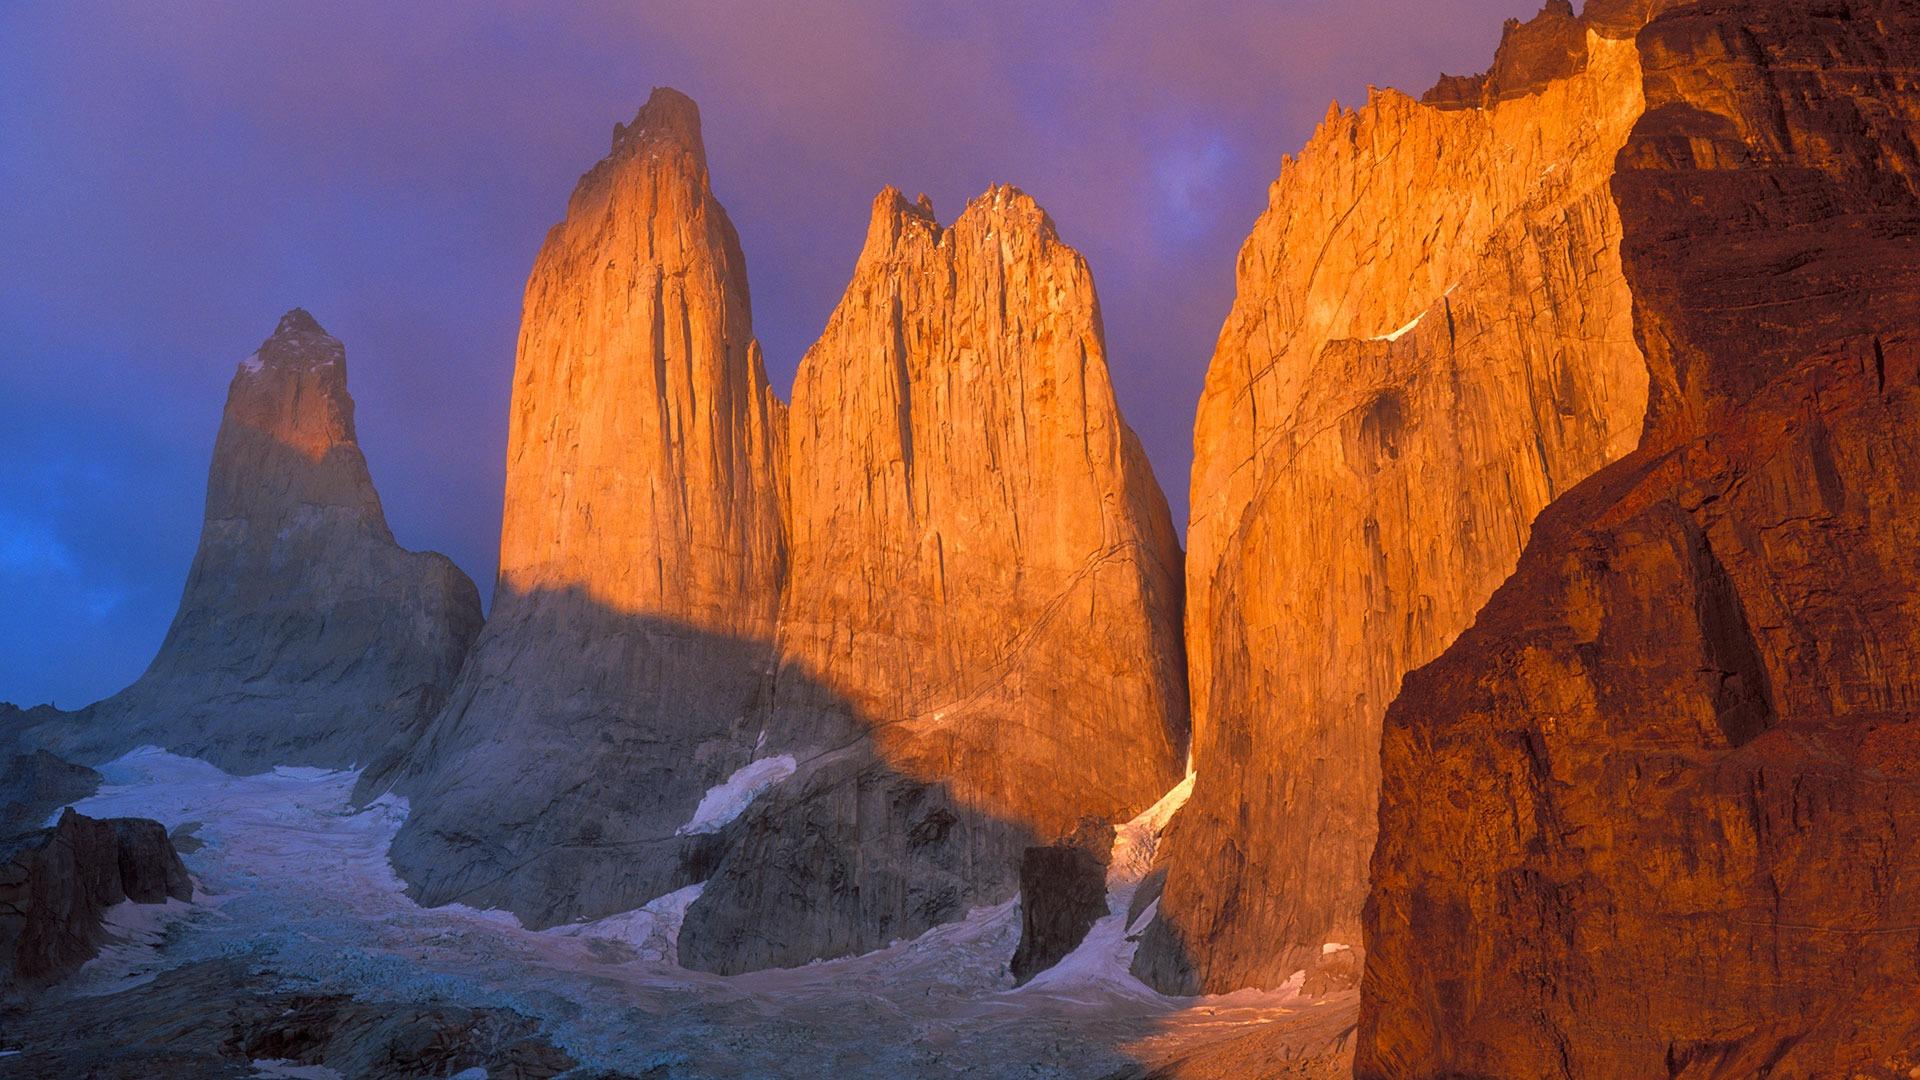 Sunrise on the granite Torres del Paine, Chile